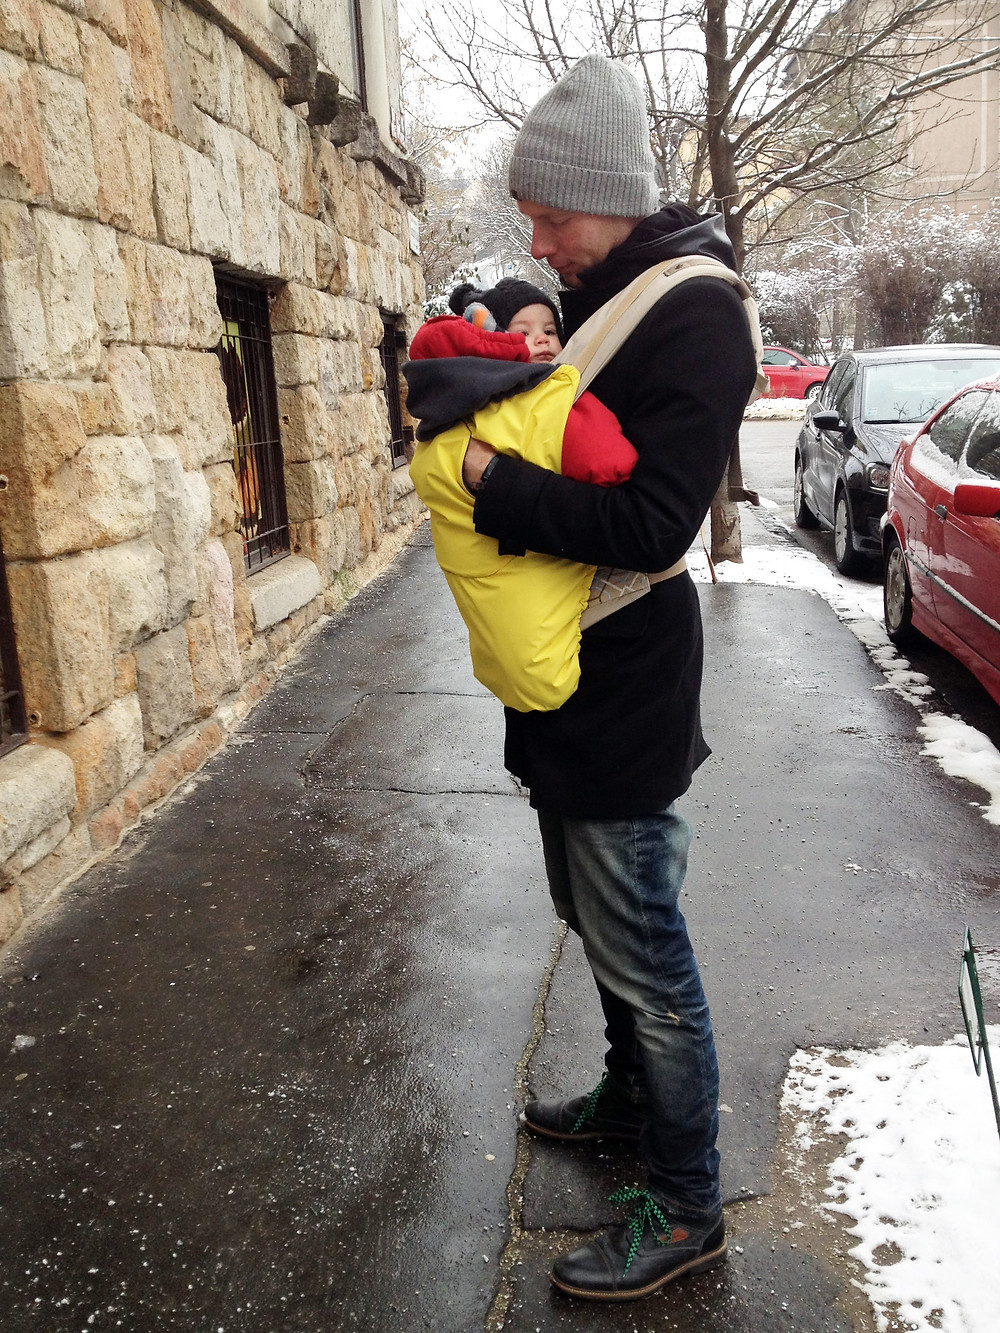 Nem csak az édesanyák hordozhatják a babájukat hidegebb időben, az édesapák vagy más családtagok is megtehetik KOJALA hordozótakaró segítségével.